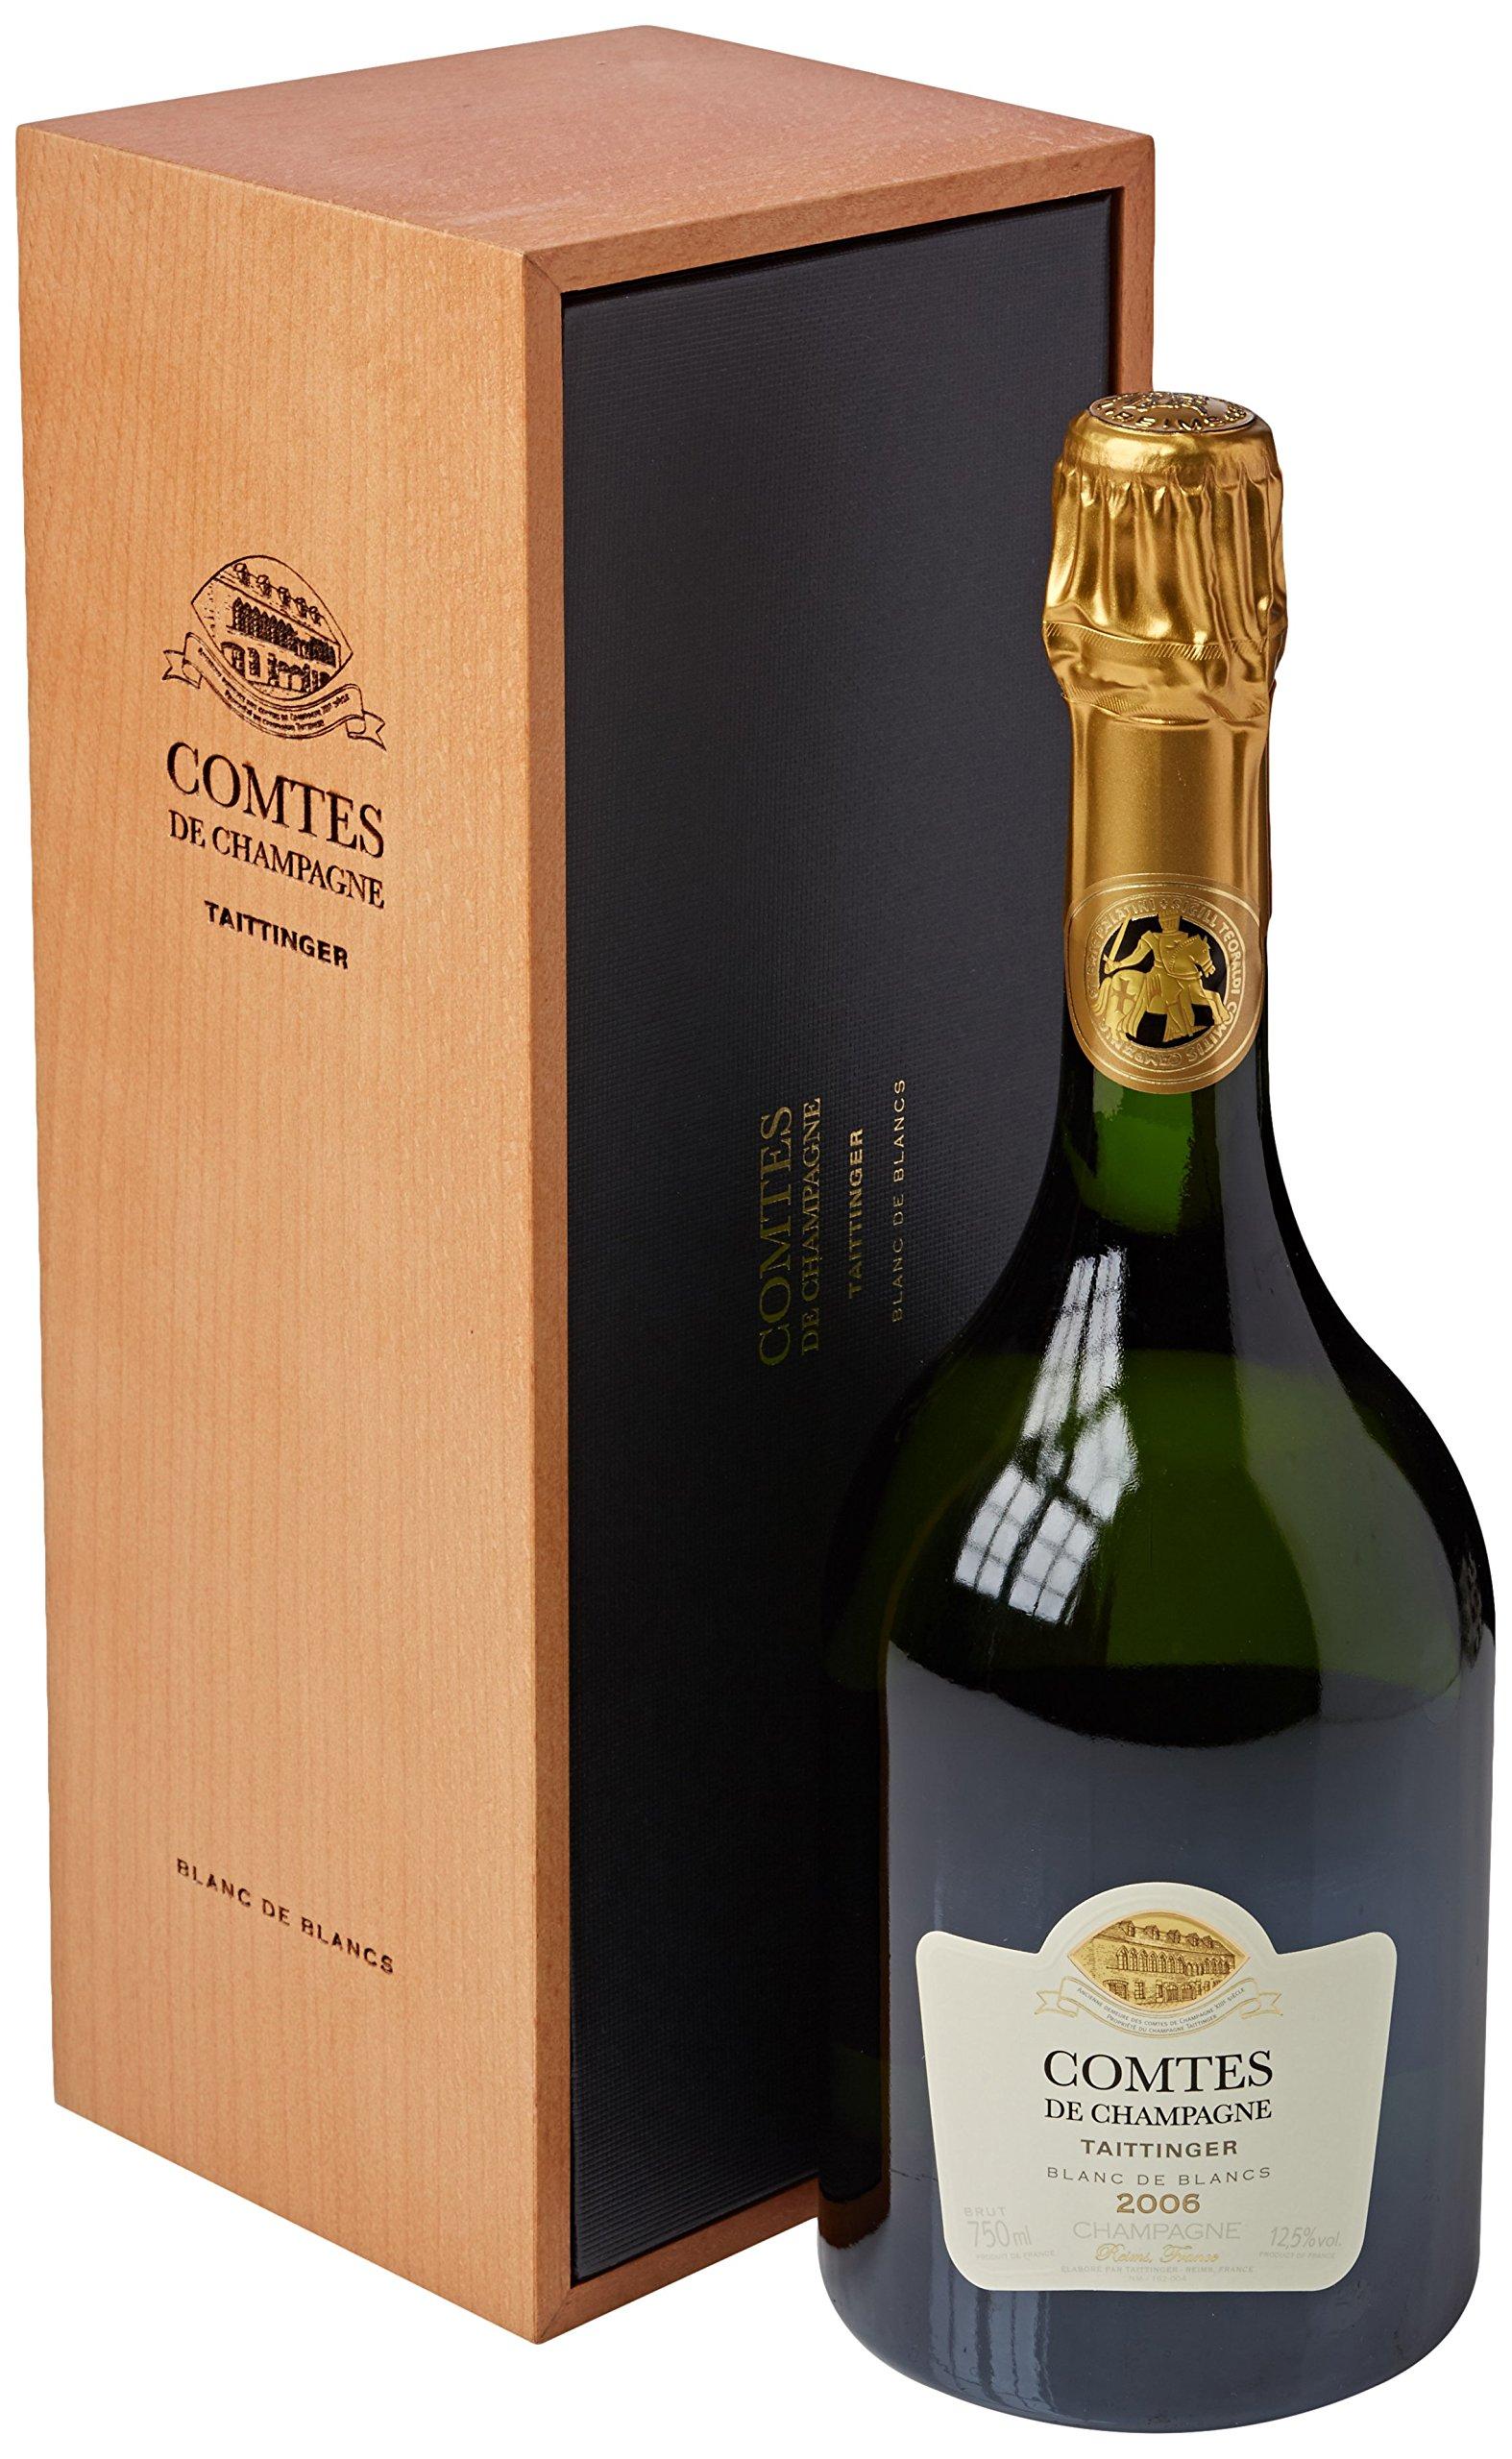 Taittinger Comtes de Blanc de Blancs Brut 2006 Champagne in Gift Box 2006, 75 cl